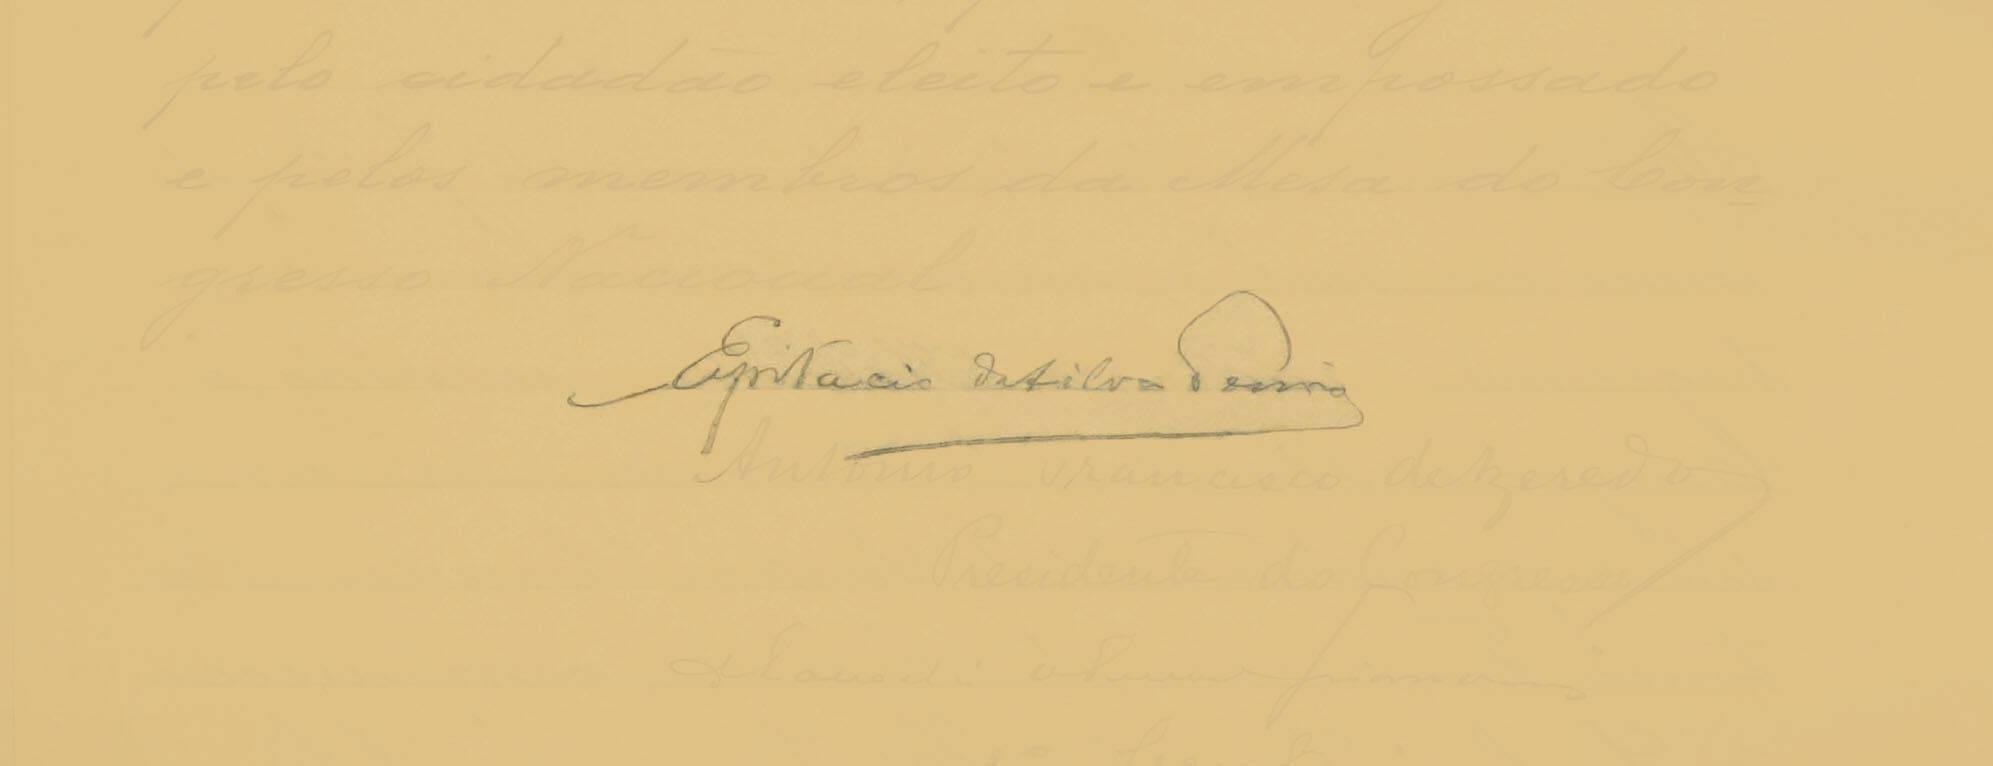 Epitácio Pessoa foi eleito para governar até 1922. Assumiu em 28 de julho de 1919. Foto: Reprodução / Senado Federal